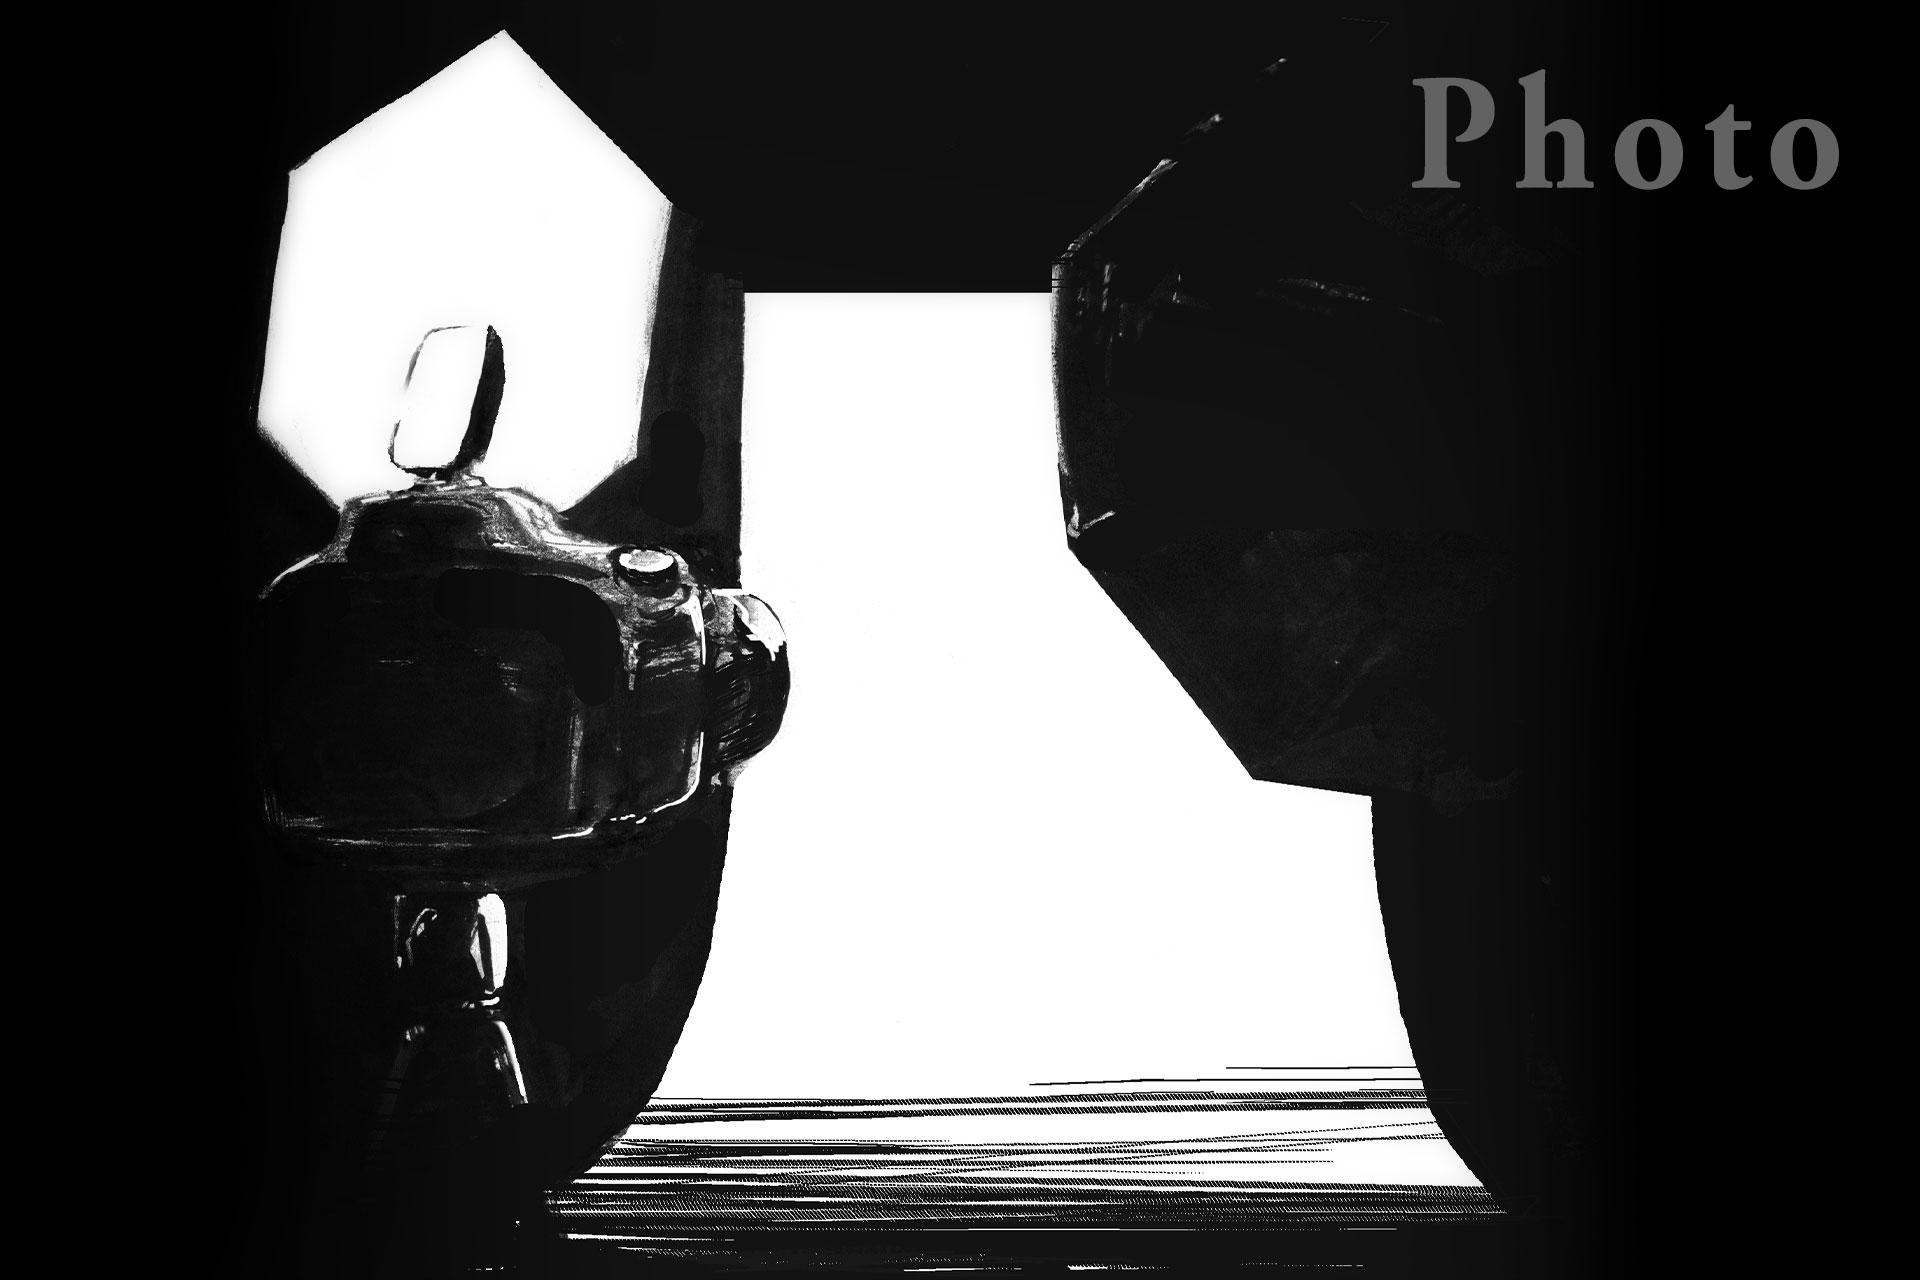 「写真撮影」を更新いたしました。